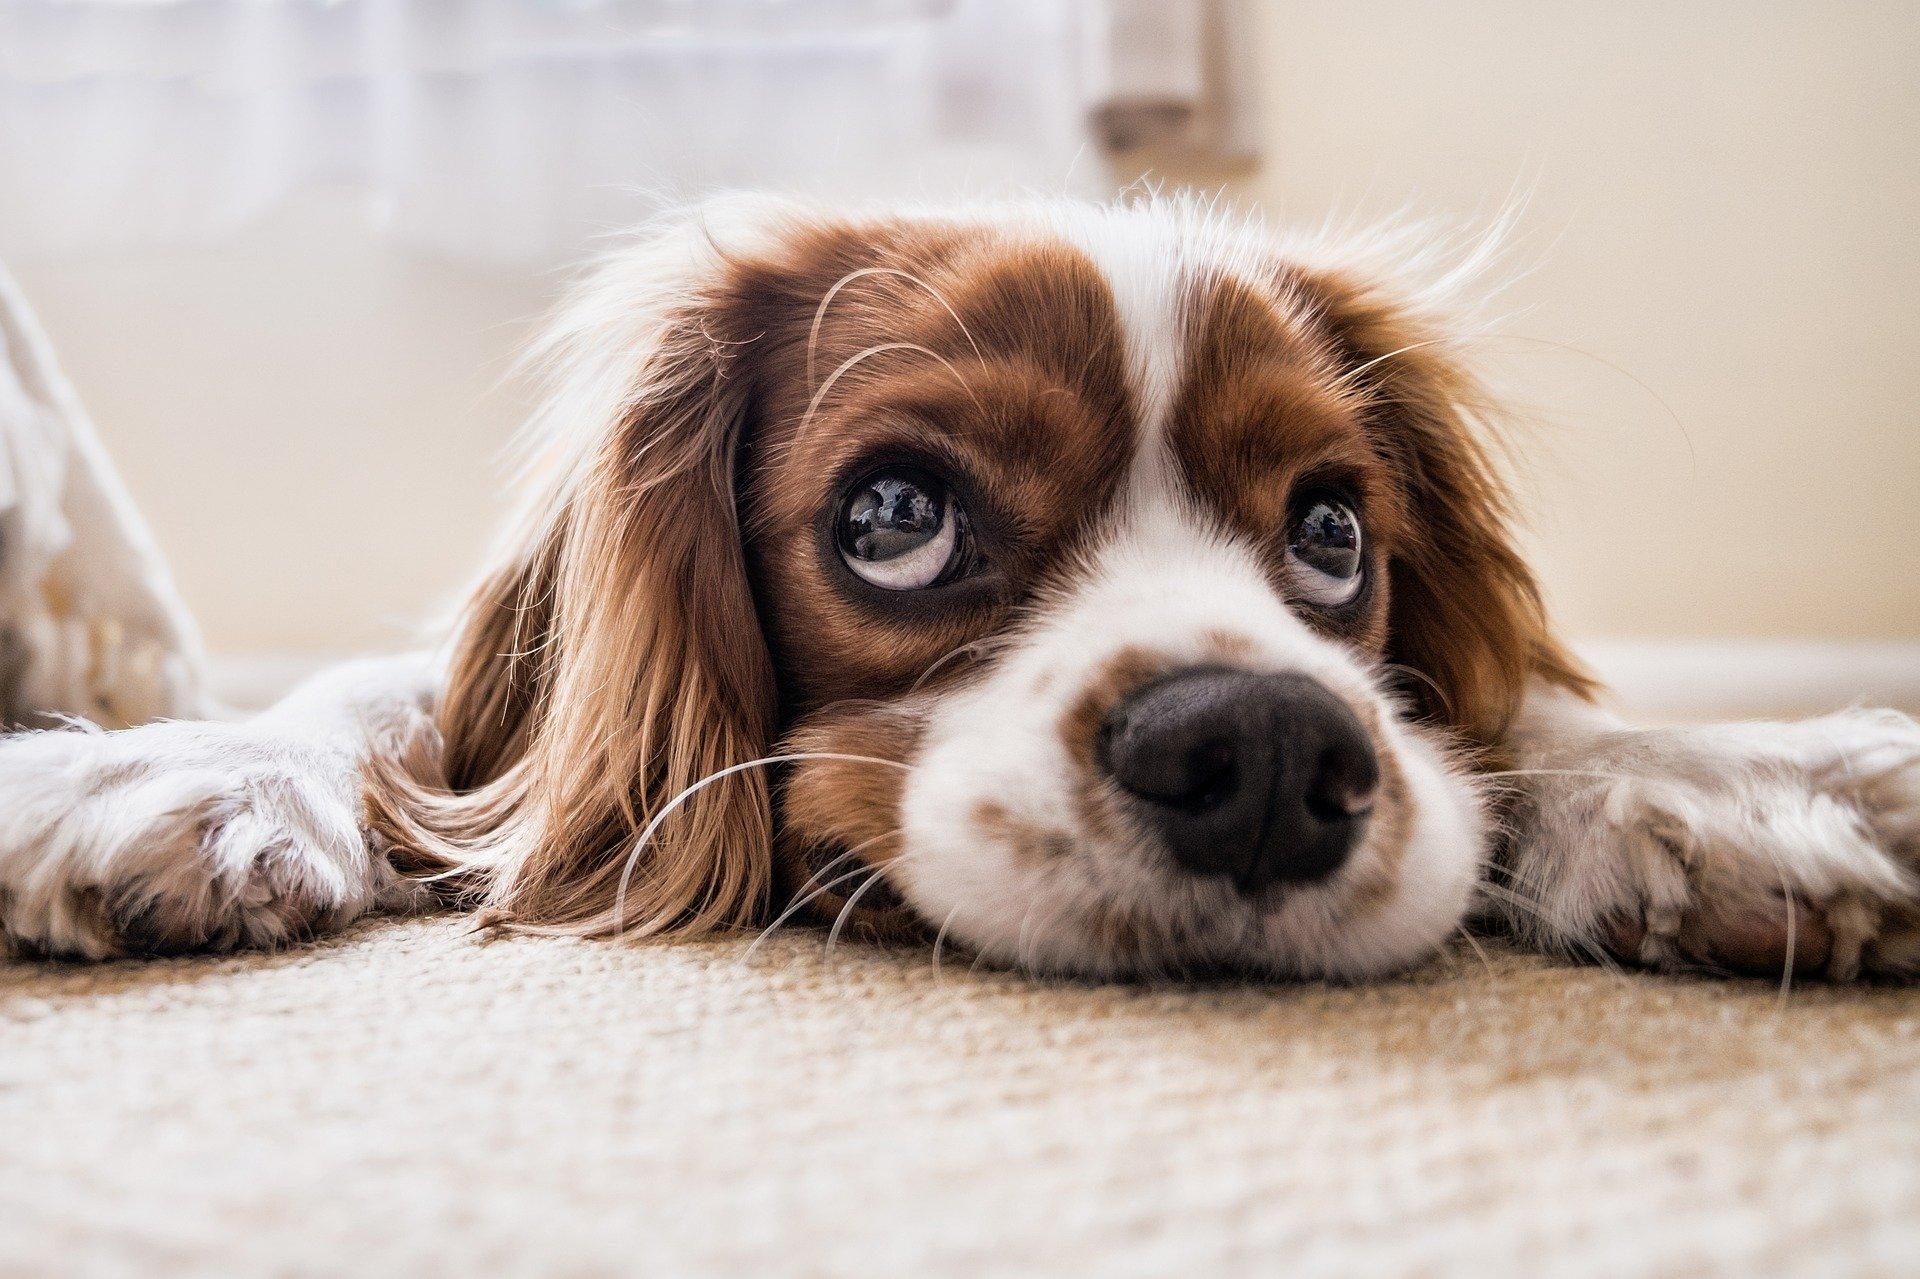 Foto de um cachorro marrom e branco deitado em um tapete. Imagem ilustrativa para o texto plano de saúde para cachorro.